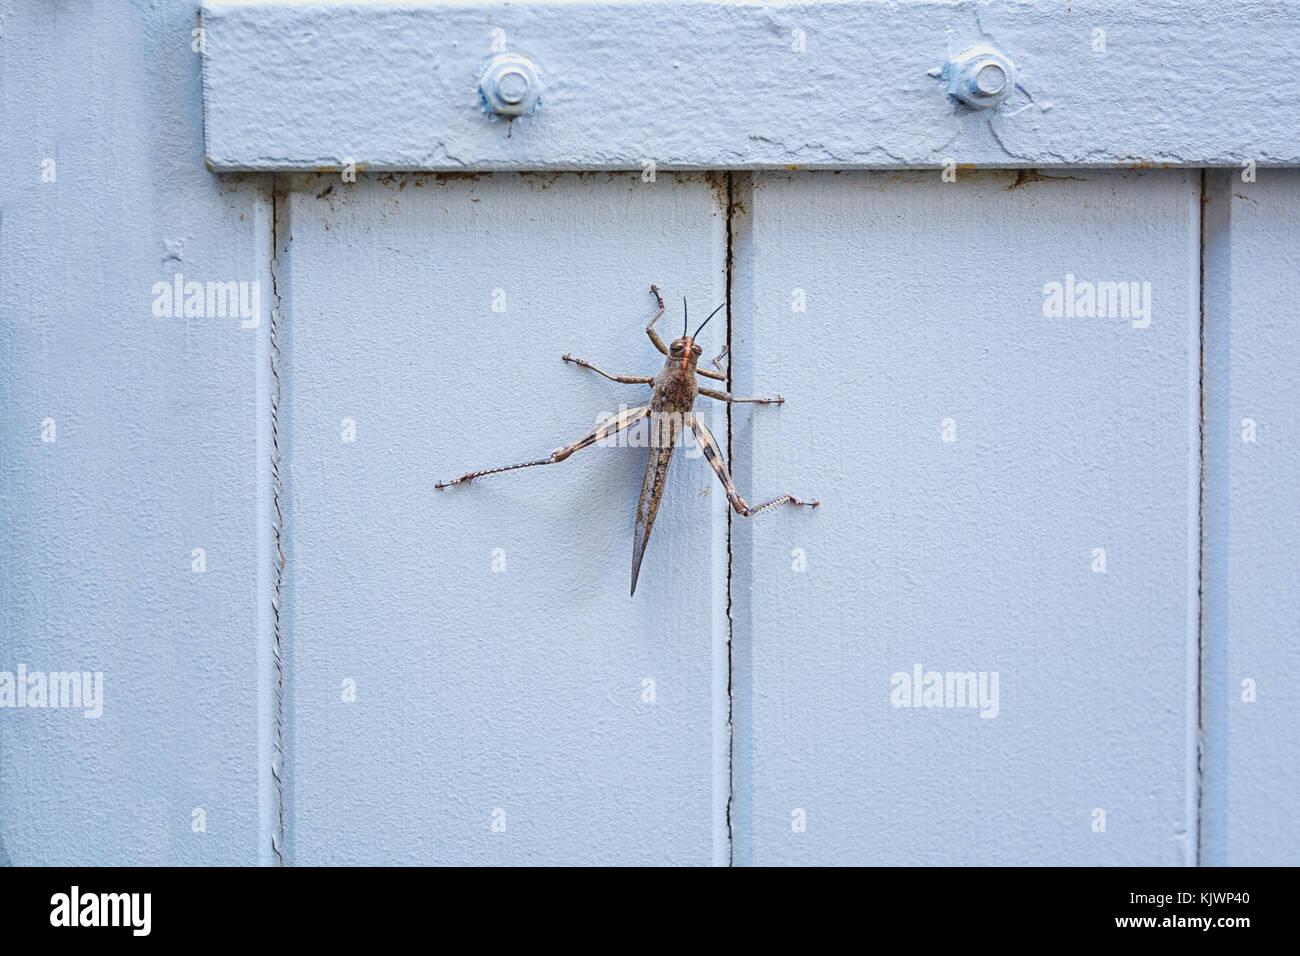 Grasshopper ruht auf einem Verschluss im Dorf Saint montan in der Ardeche Region in Frankreich Stockbild